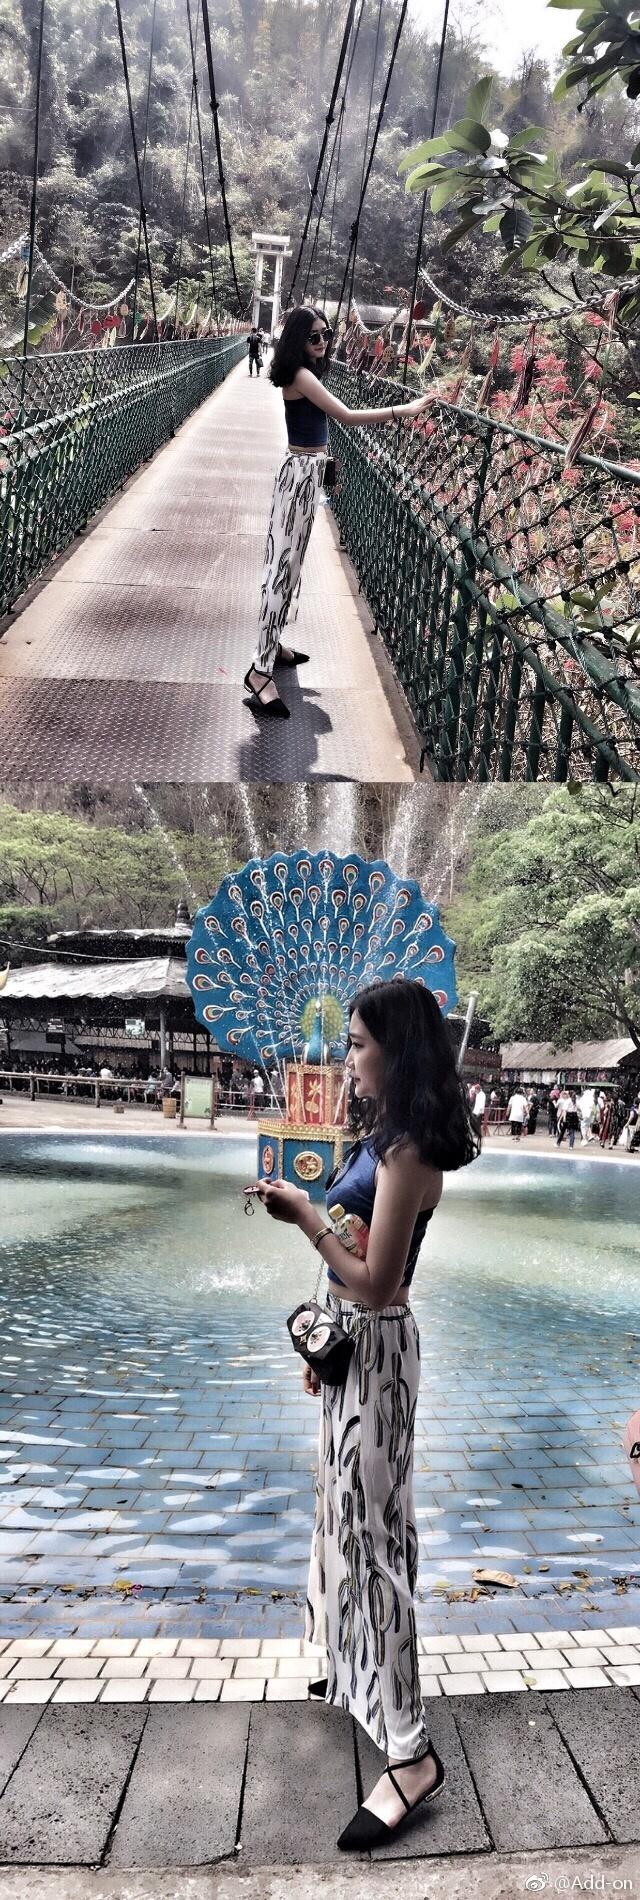 21岁空姐李明珠遇害,网友微博留言:很遗憾以这样的方式认识你